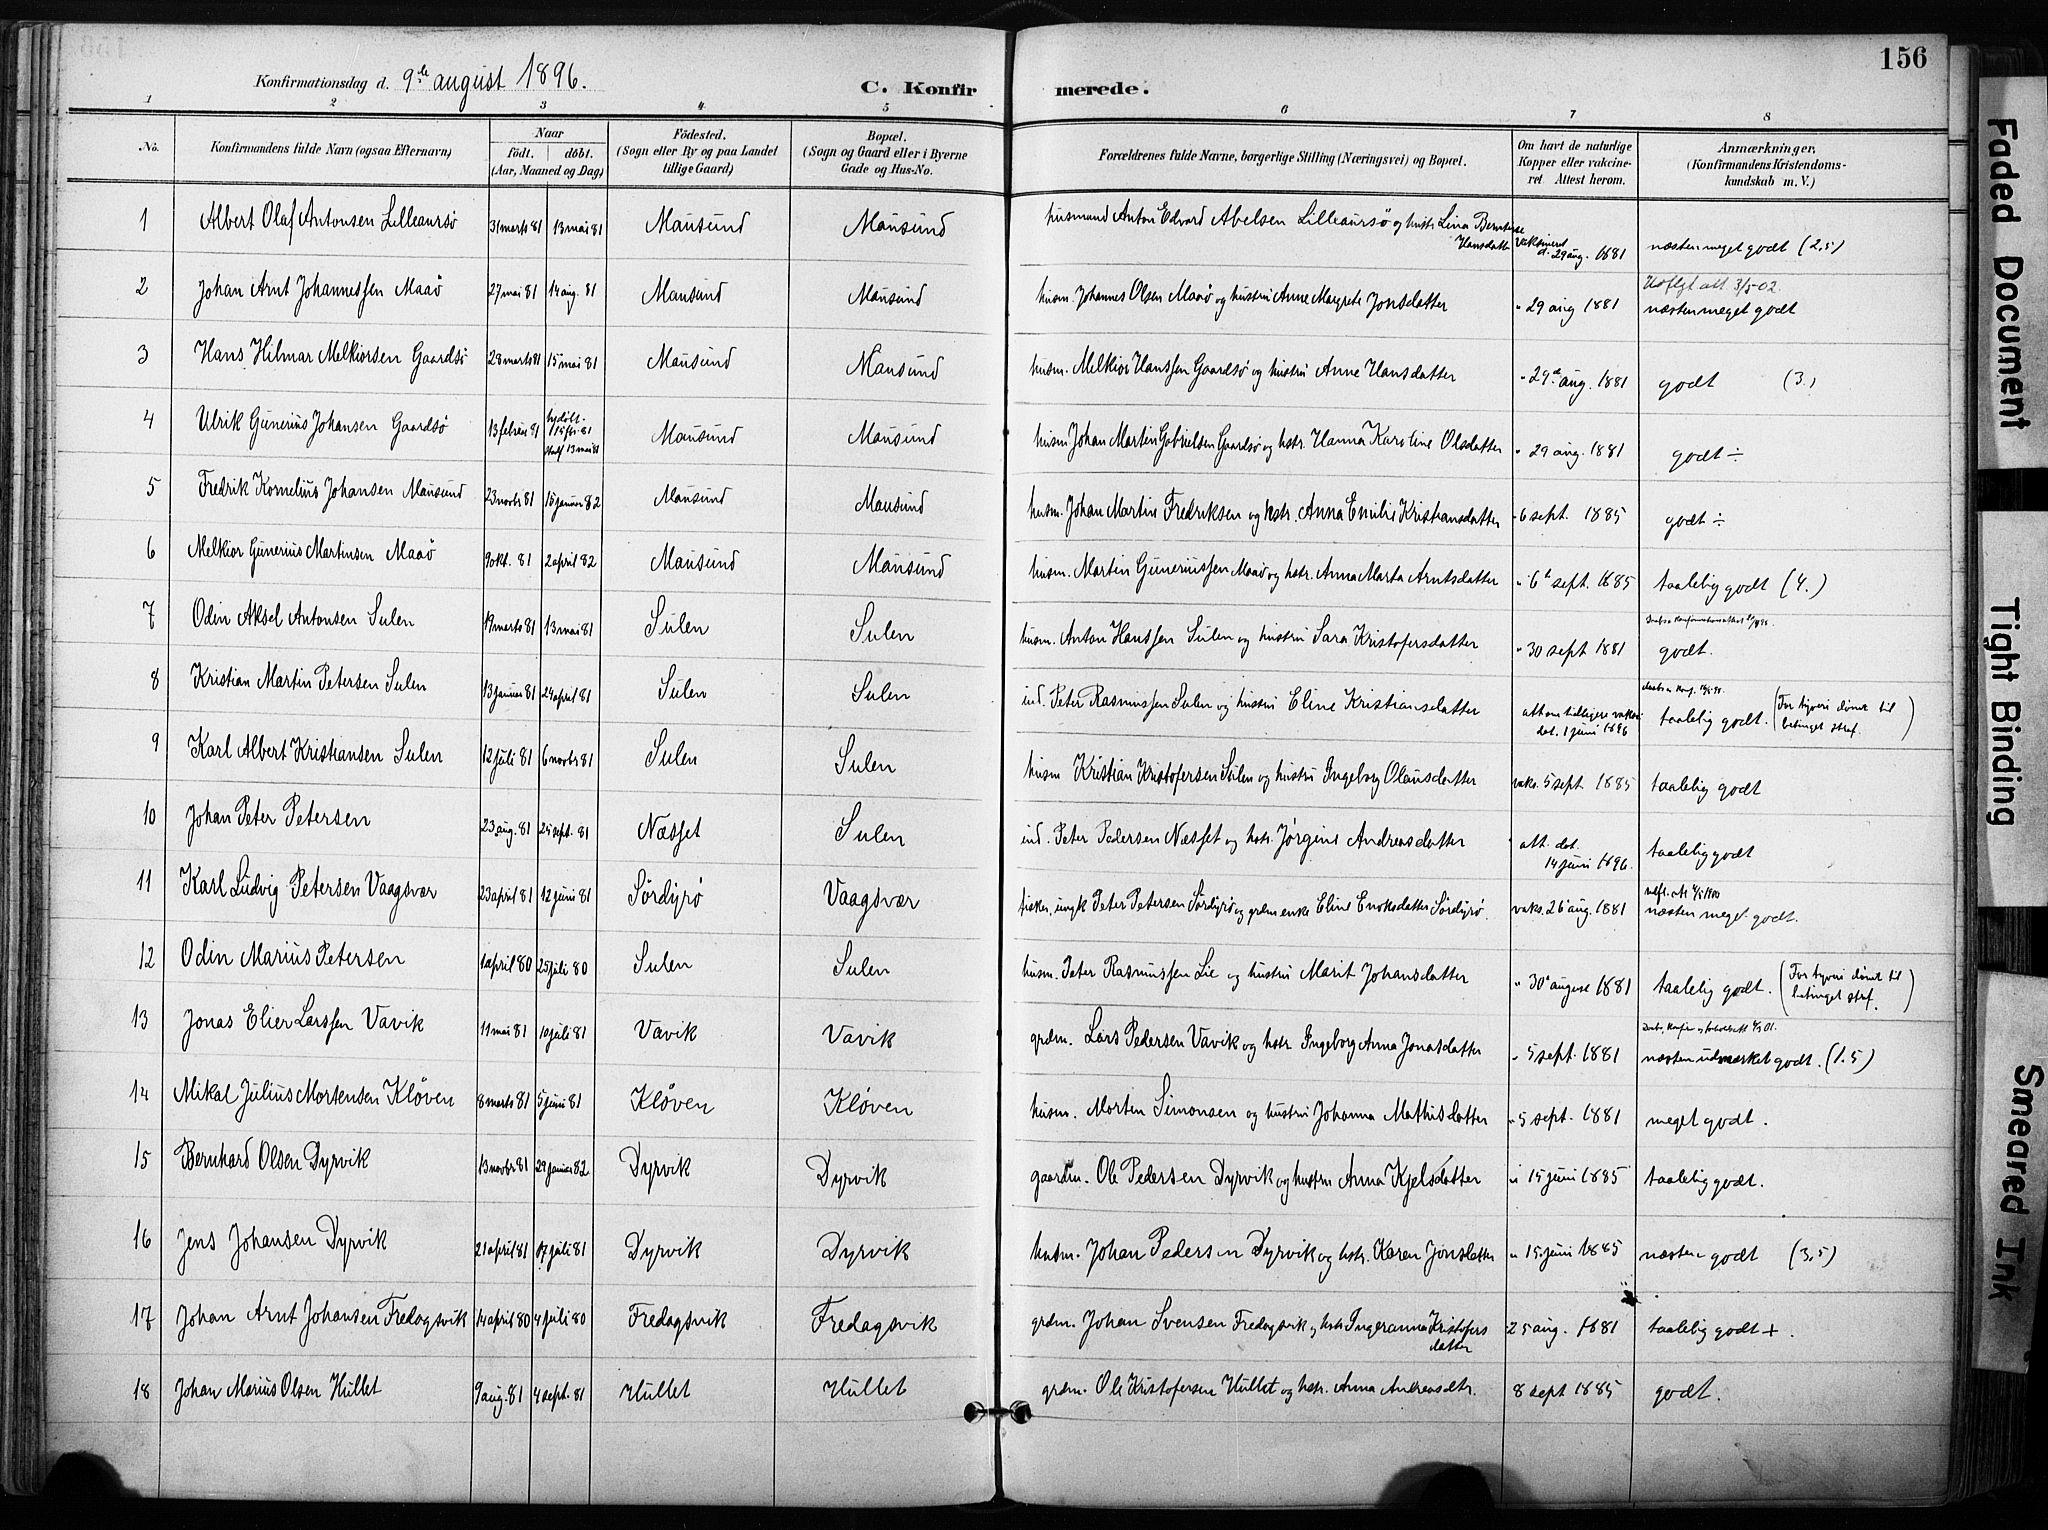 SAT, Ministerialprotokoller, klokkerbøker og fødselsregistre - Sør-Trøndelag, 640/L0579: Ministerialbok nr. 640A04, 1889-1902, s. 156